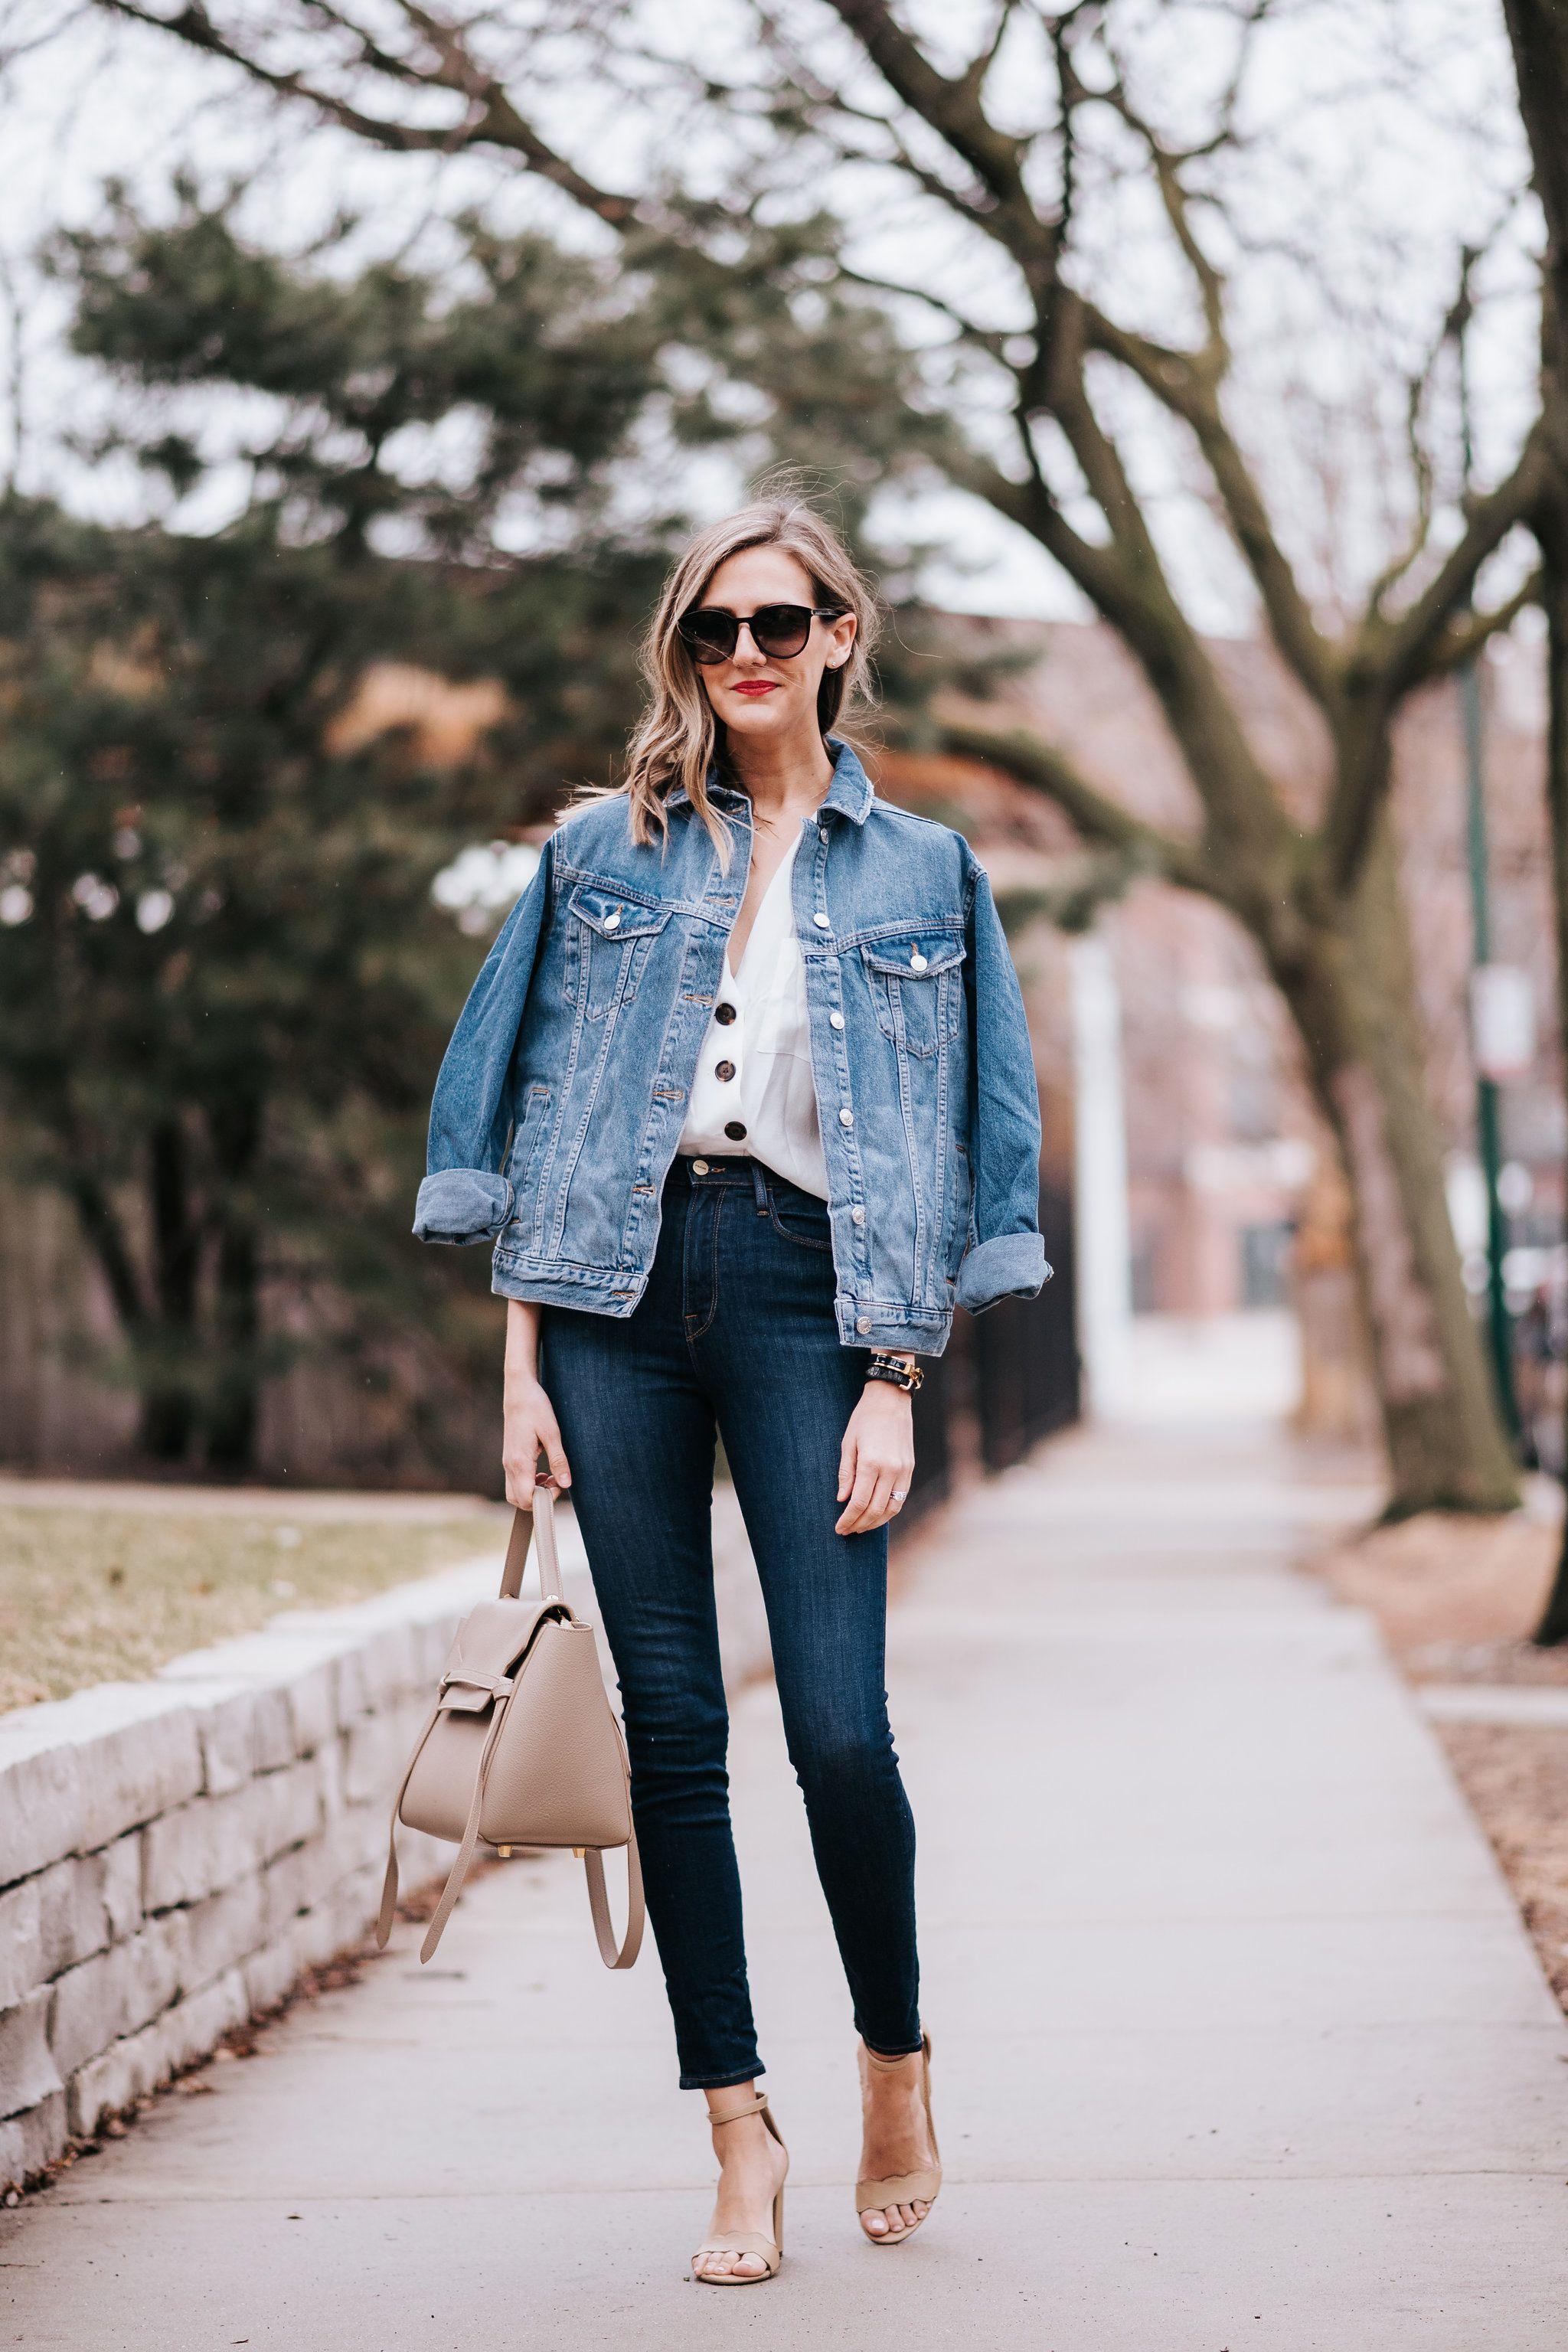 How To Wear Oversized Jean Jacket Denim Topshop For Spring Spring Denim Outfits Oversized Jean Jacket Denim Outfit [ 3072 x 2048 Pixel ]